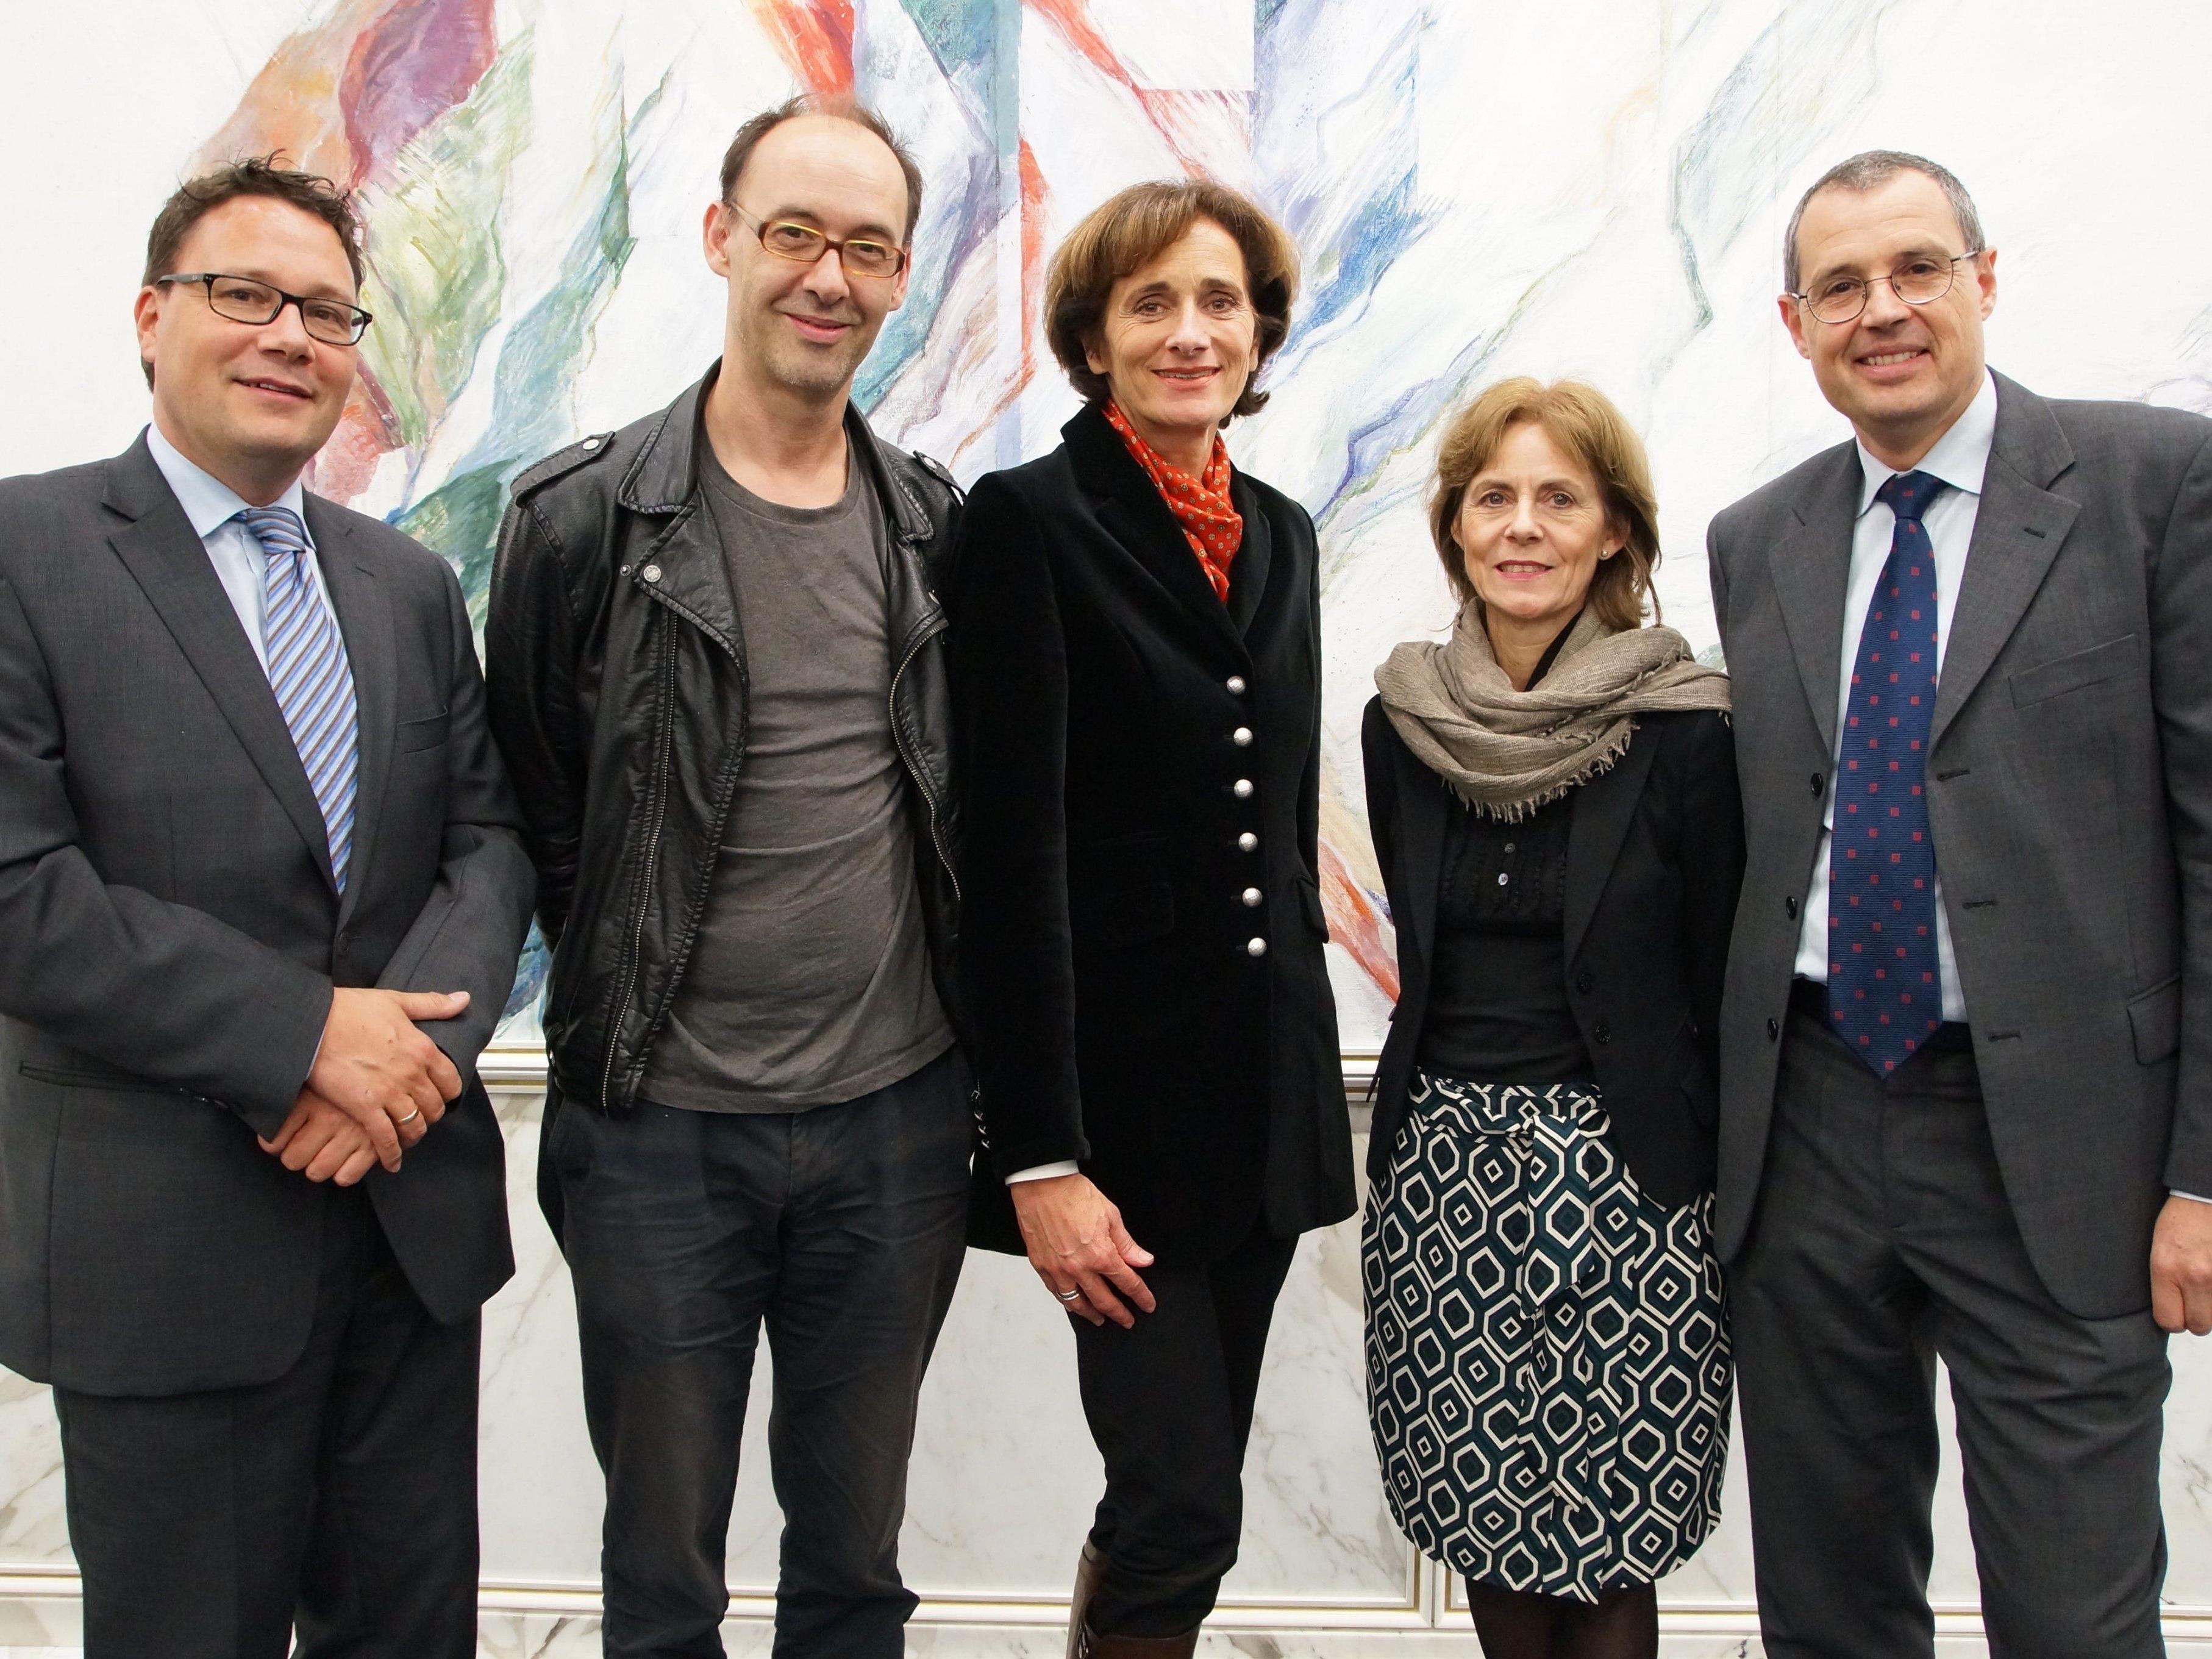 Stefan Fischnaller, Referent Robert Misik, LR Bernadette Mennel, Gabriela Dür, Hans Rapp.